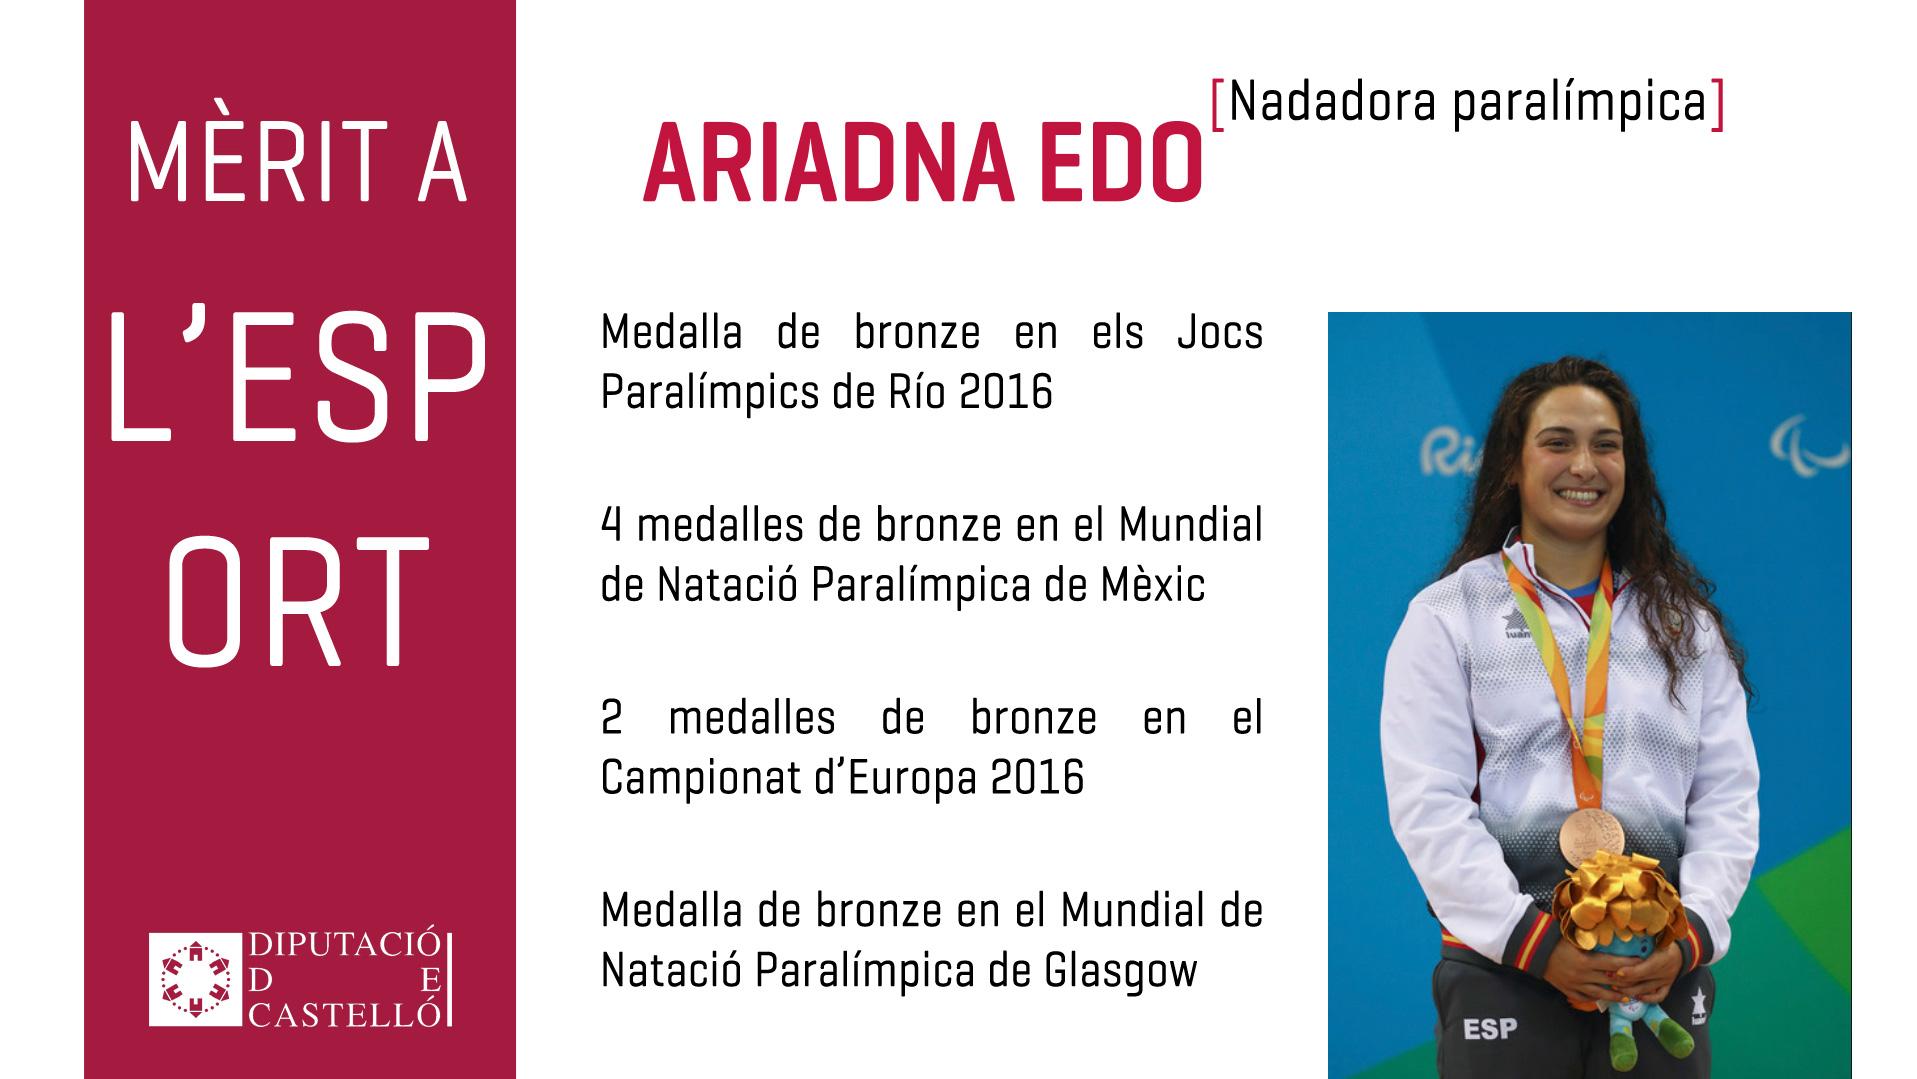 Ariadna Edo